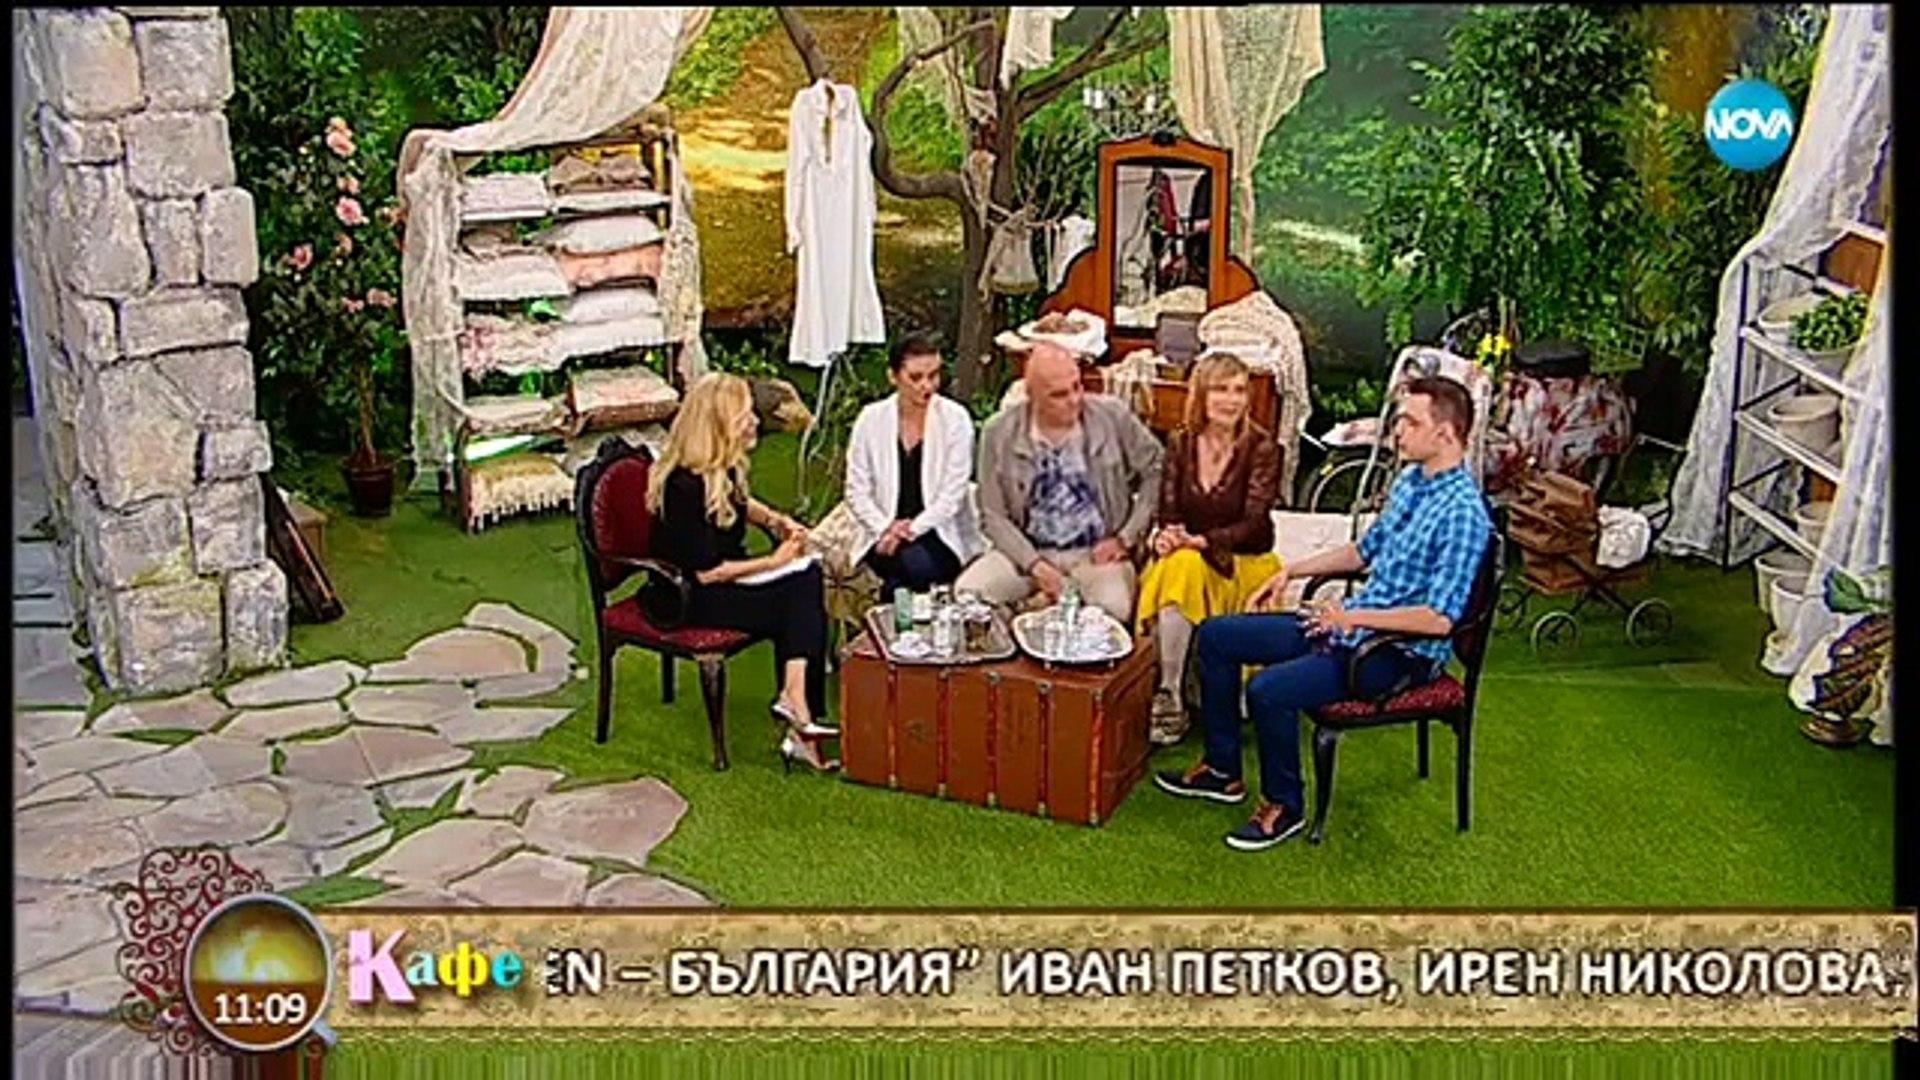 Иван Петков напуска Hell's Kitchen - България - На кафе (11.05.2018)